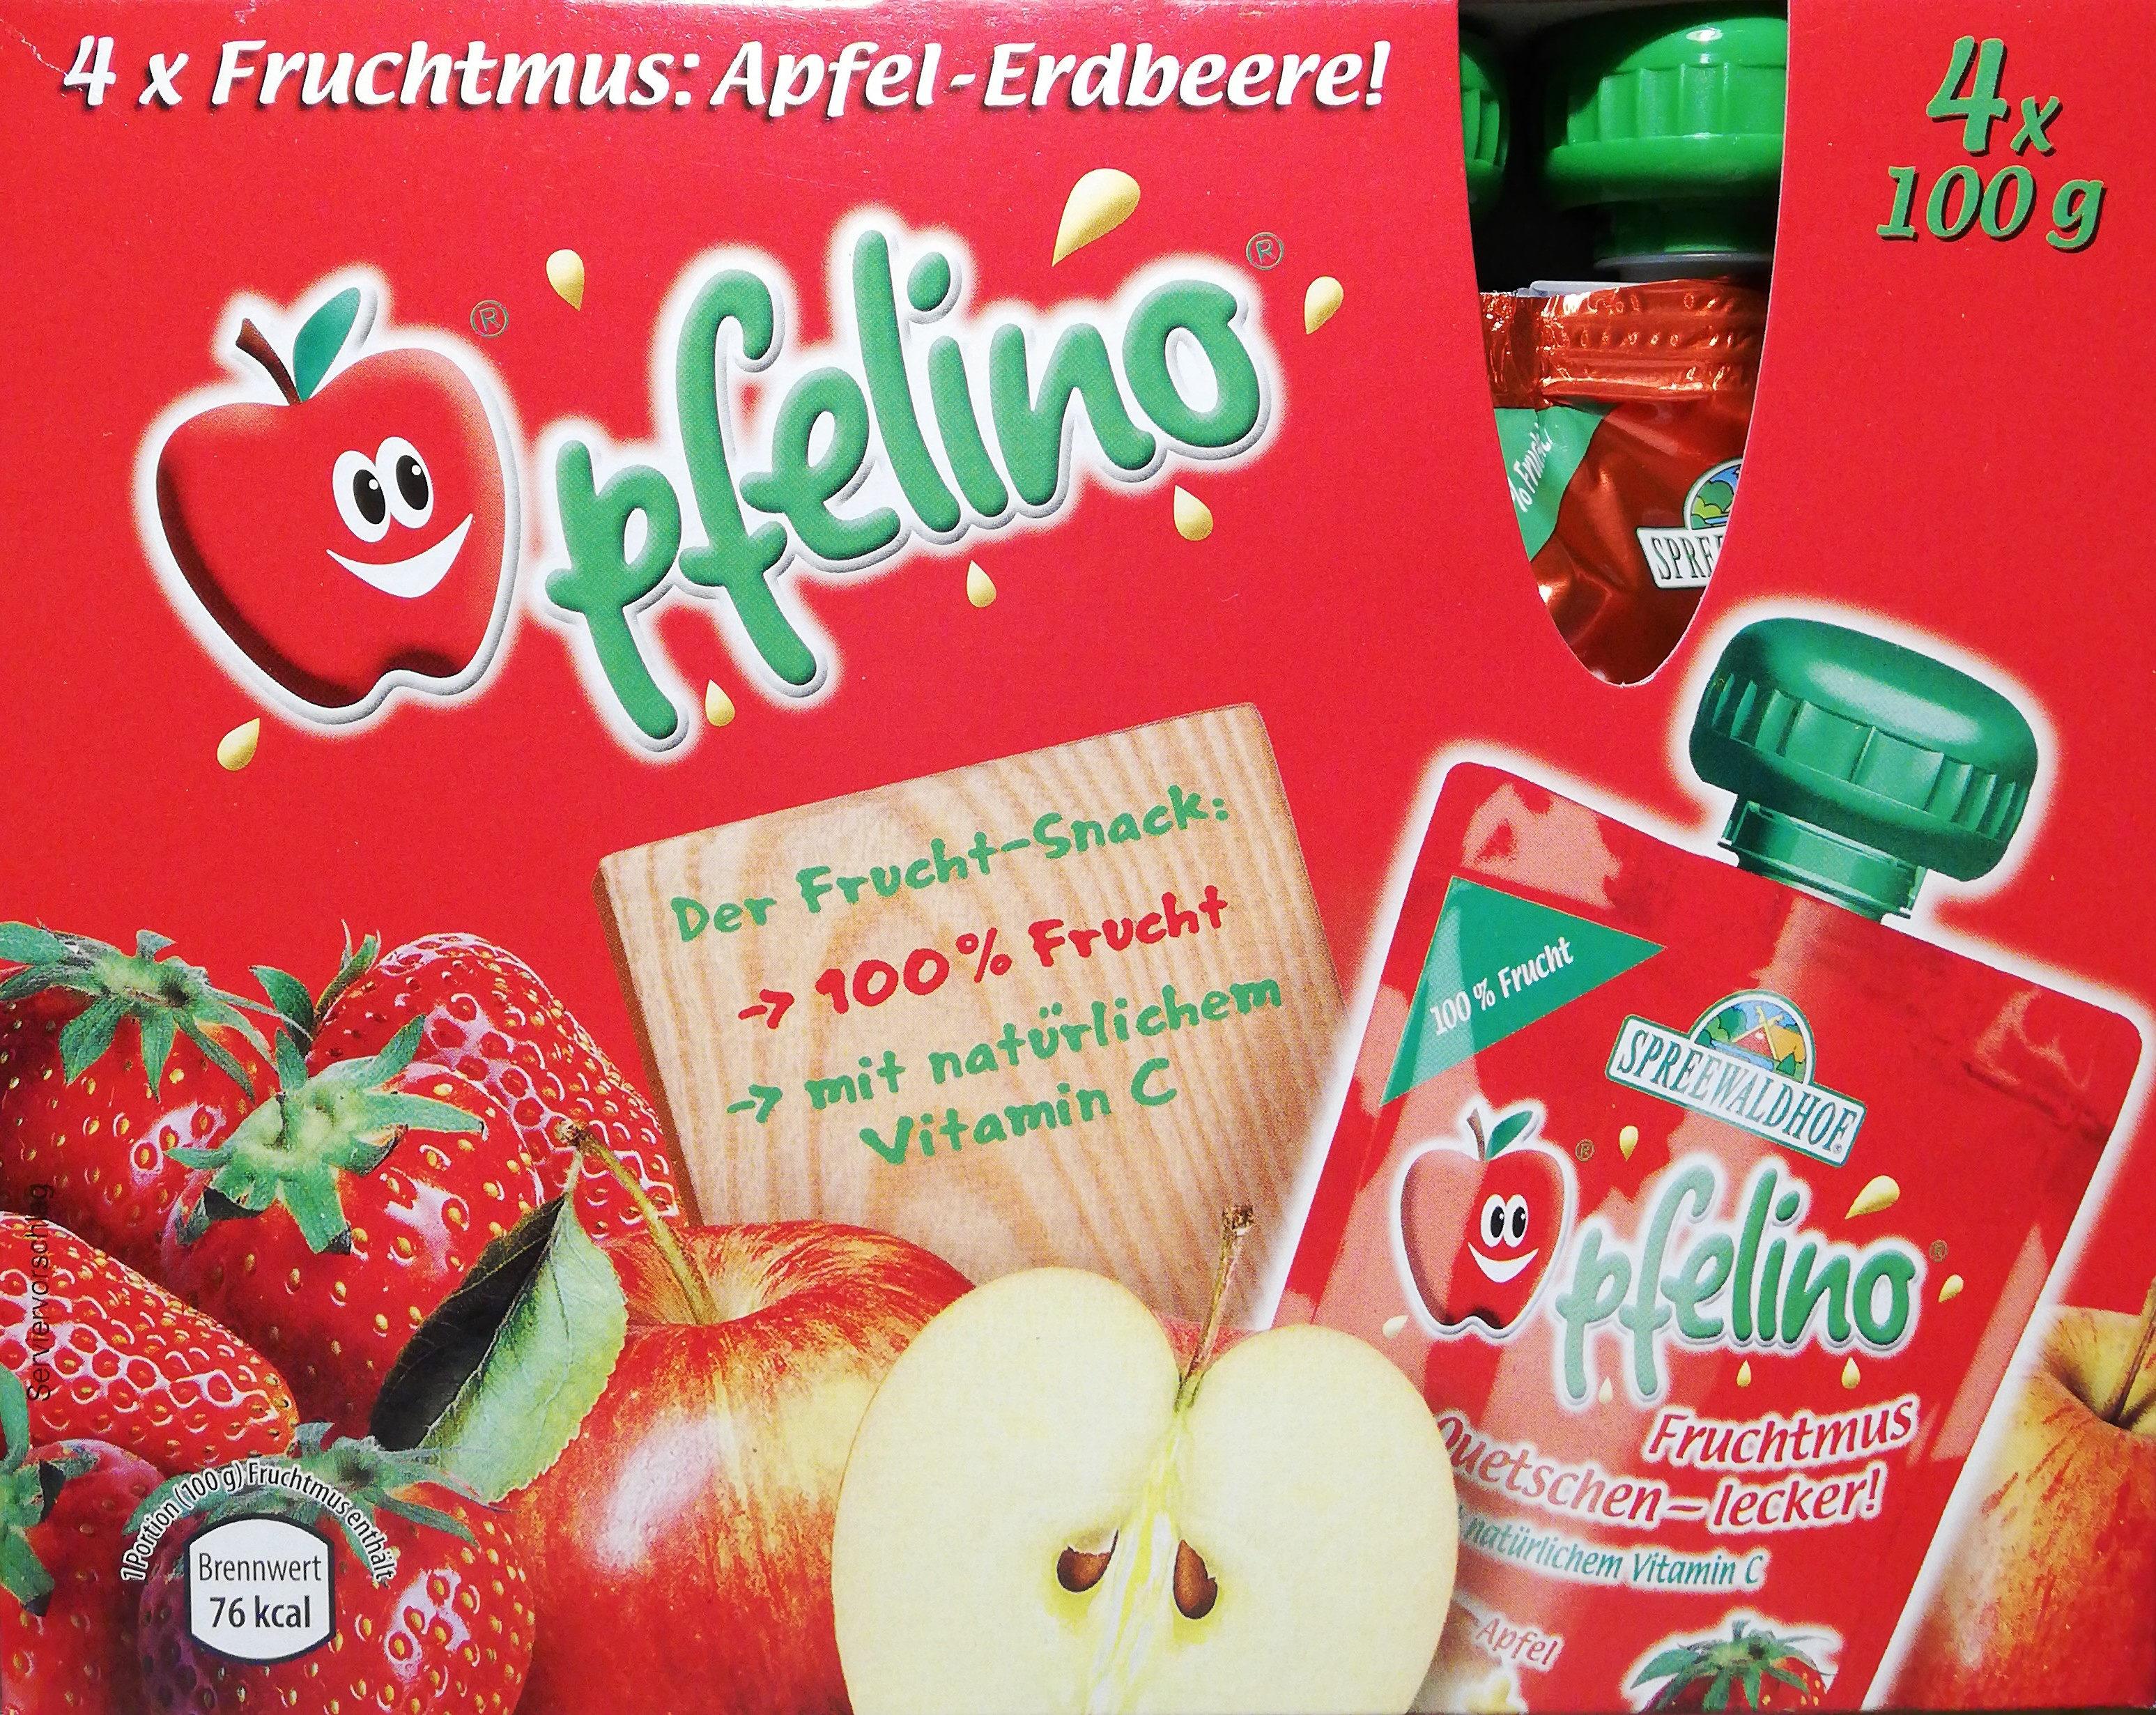 Fruchtmus Apfel-Erdbeere - Product